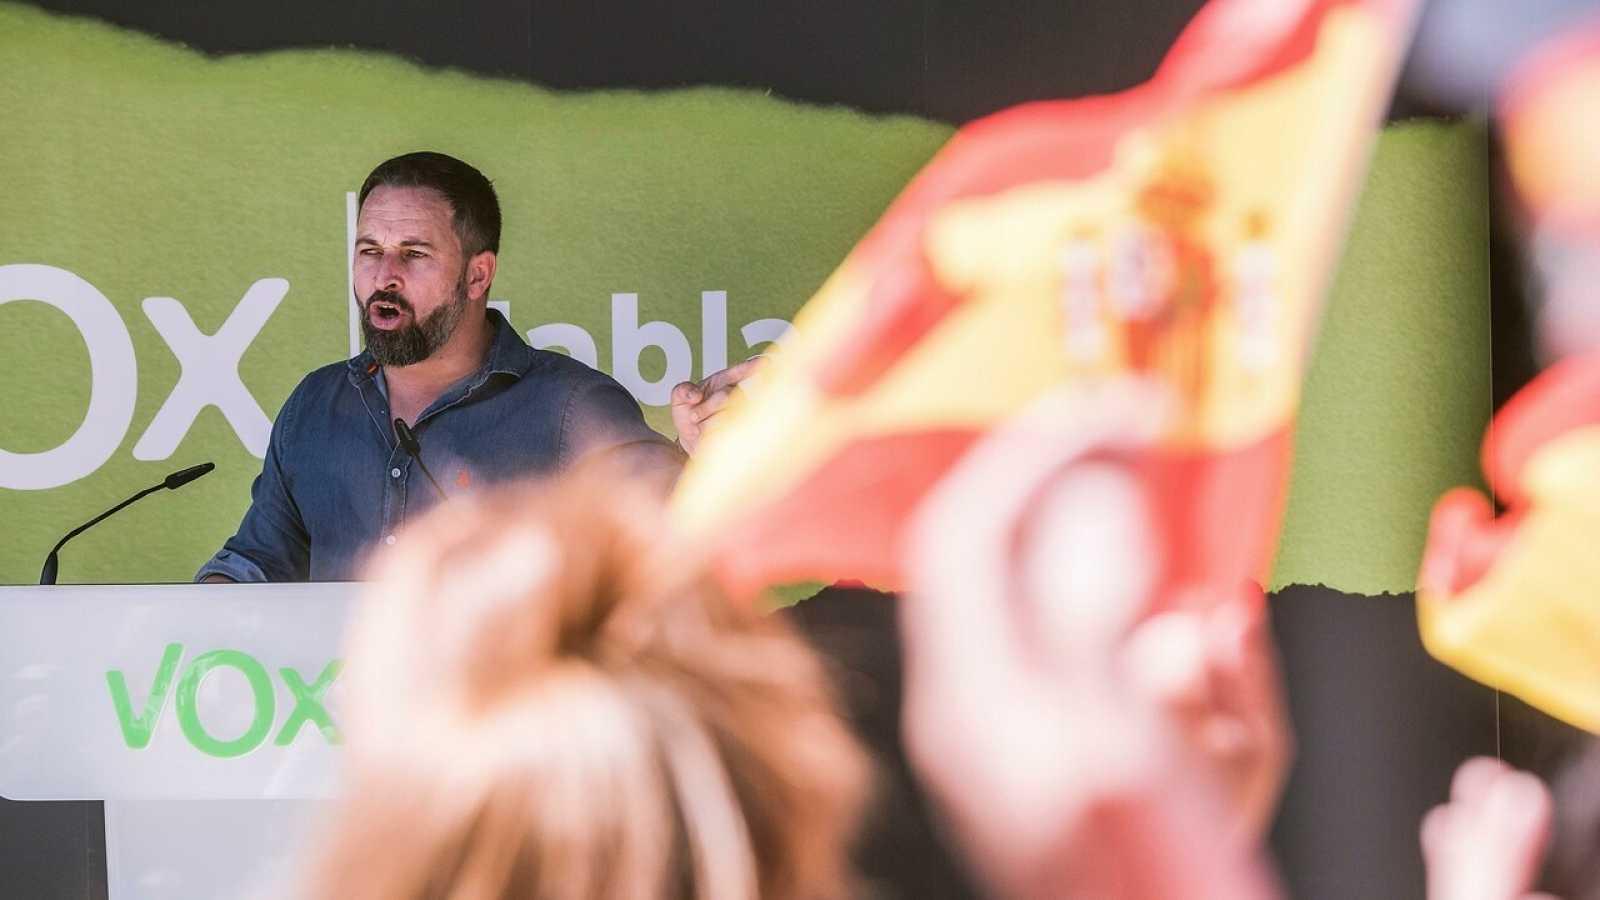 El líder de Vox, Santiago Abascal, ofrece un discurso durante un mitin en el País Vasco